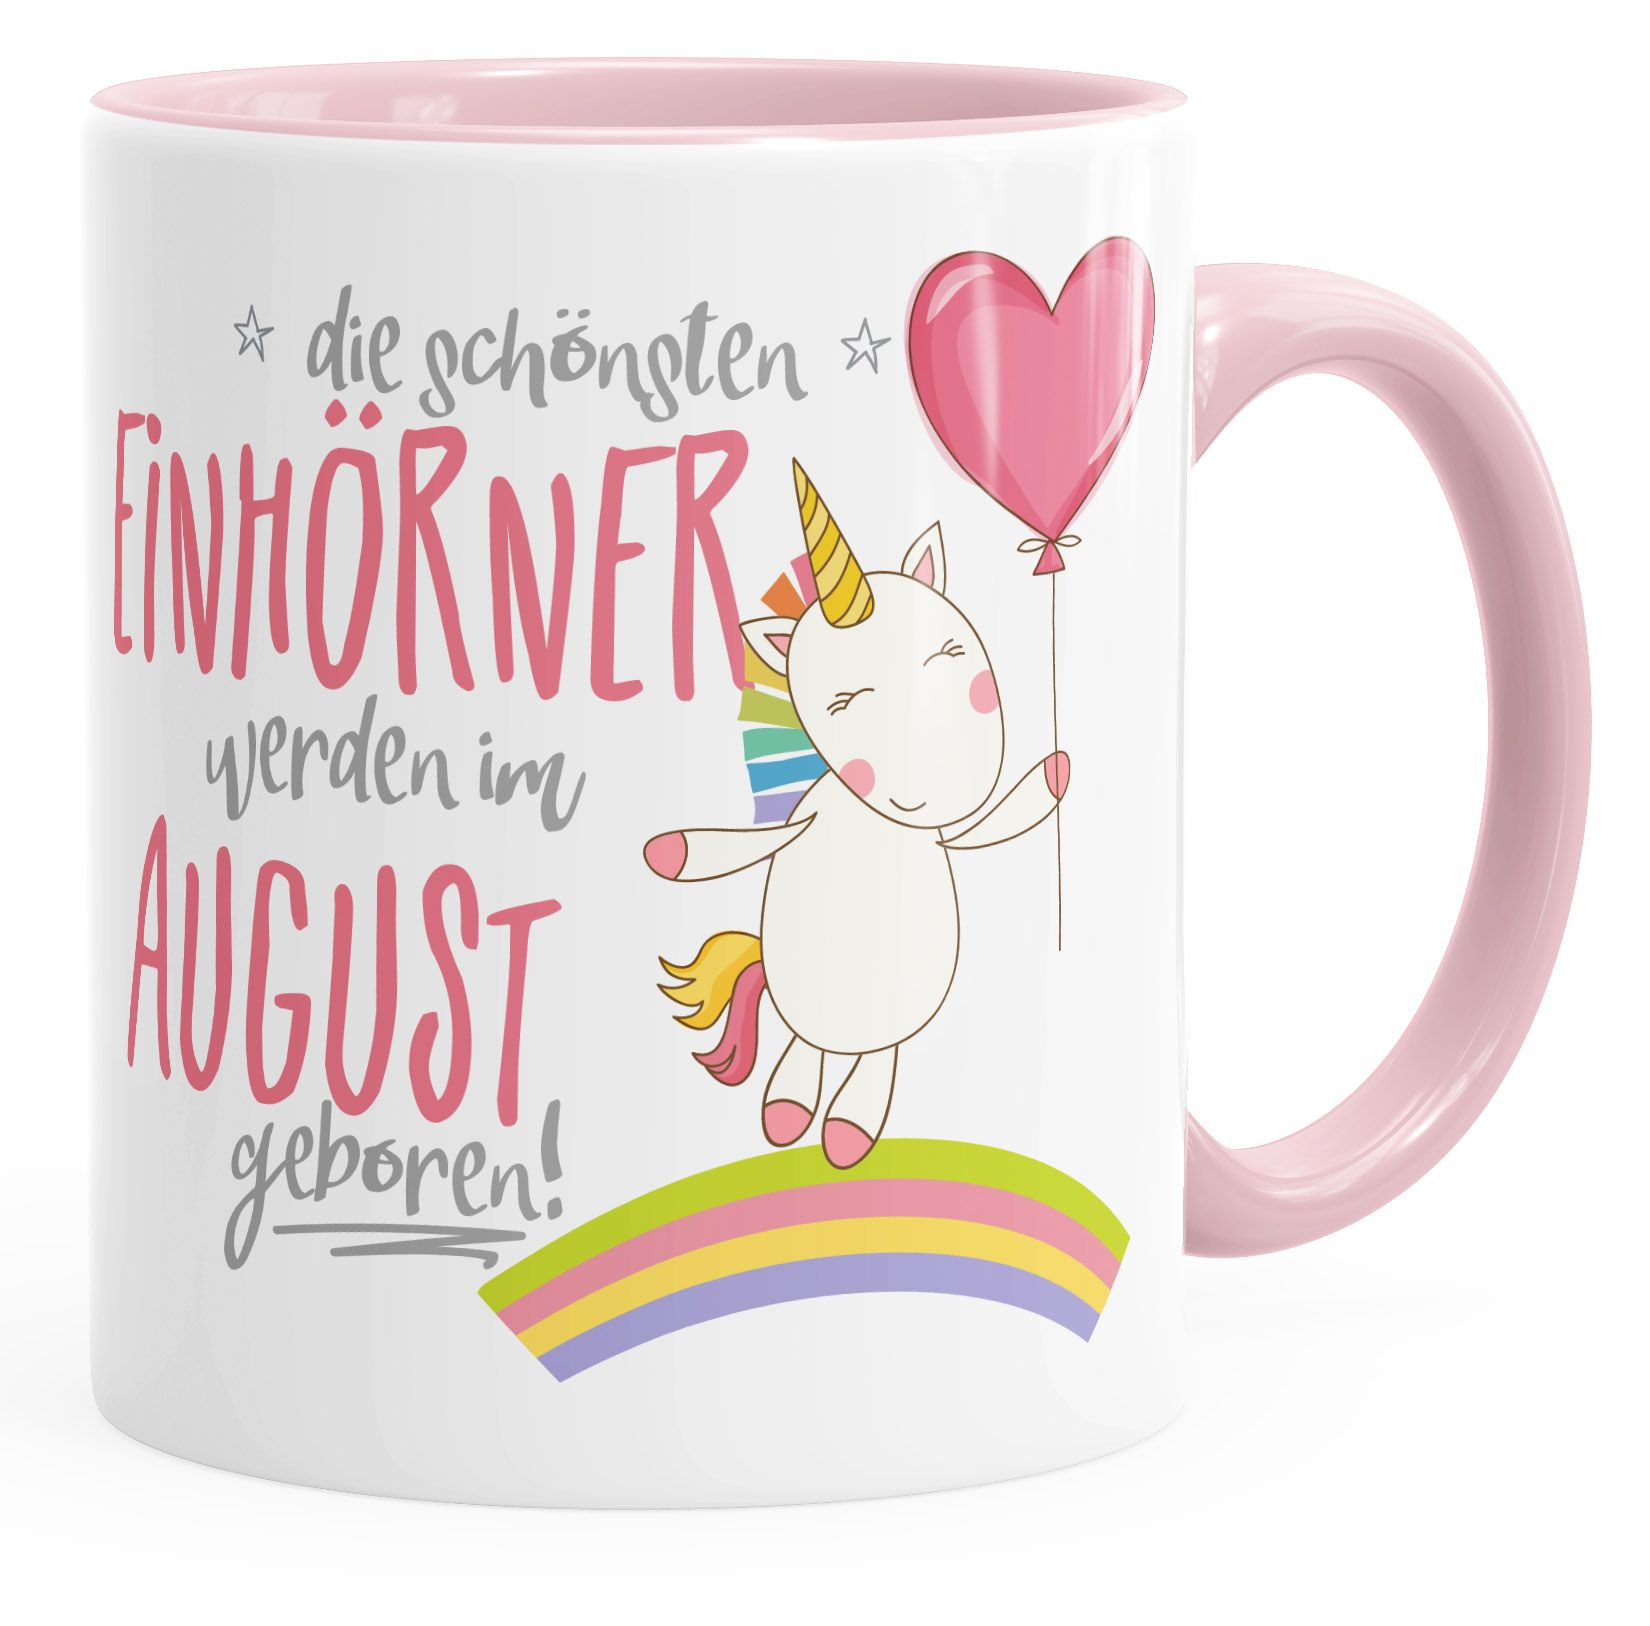 Geburtstags-Tasse  die schönsten Einhörner werden im August geboren MoonWorks® Geschenk-Tasse